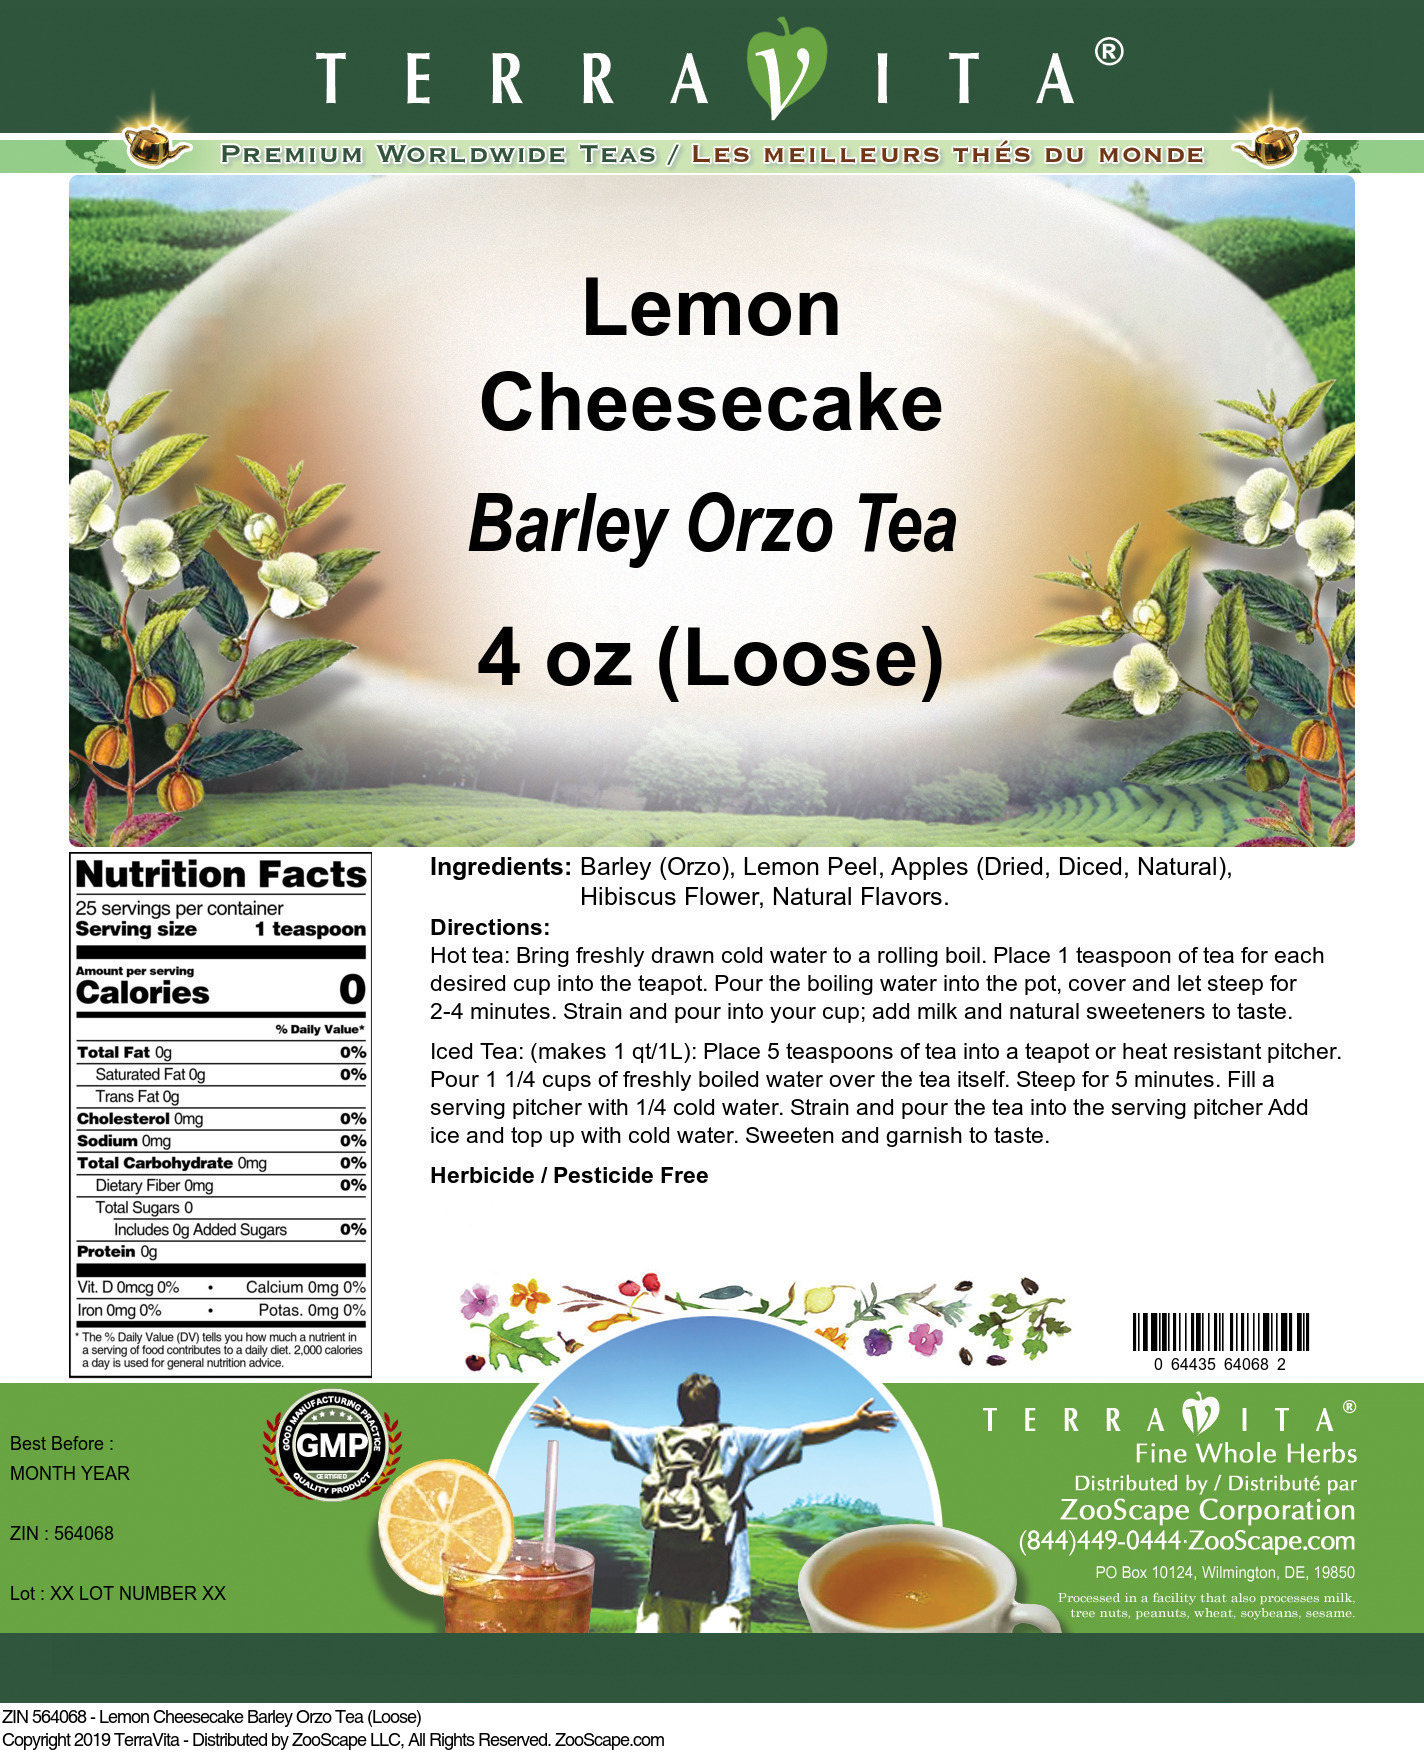 Lemon Cheesecake Barley Orzo Tea (Loose)